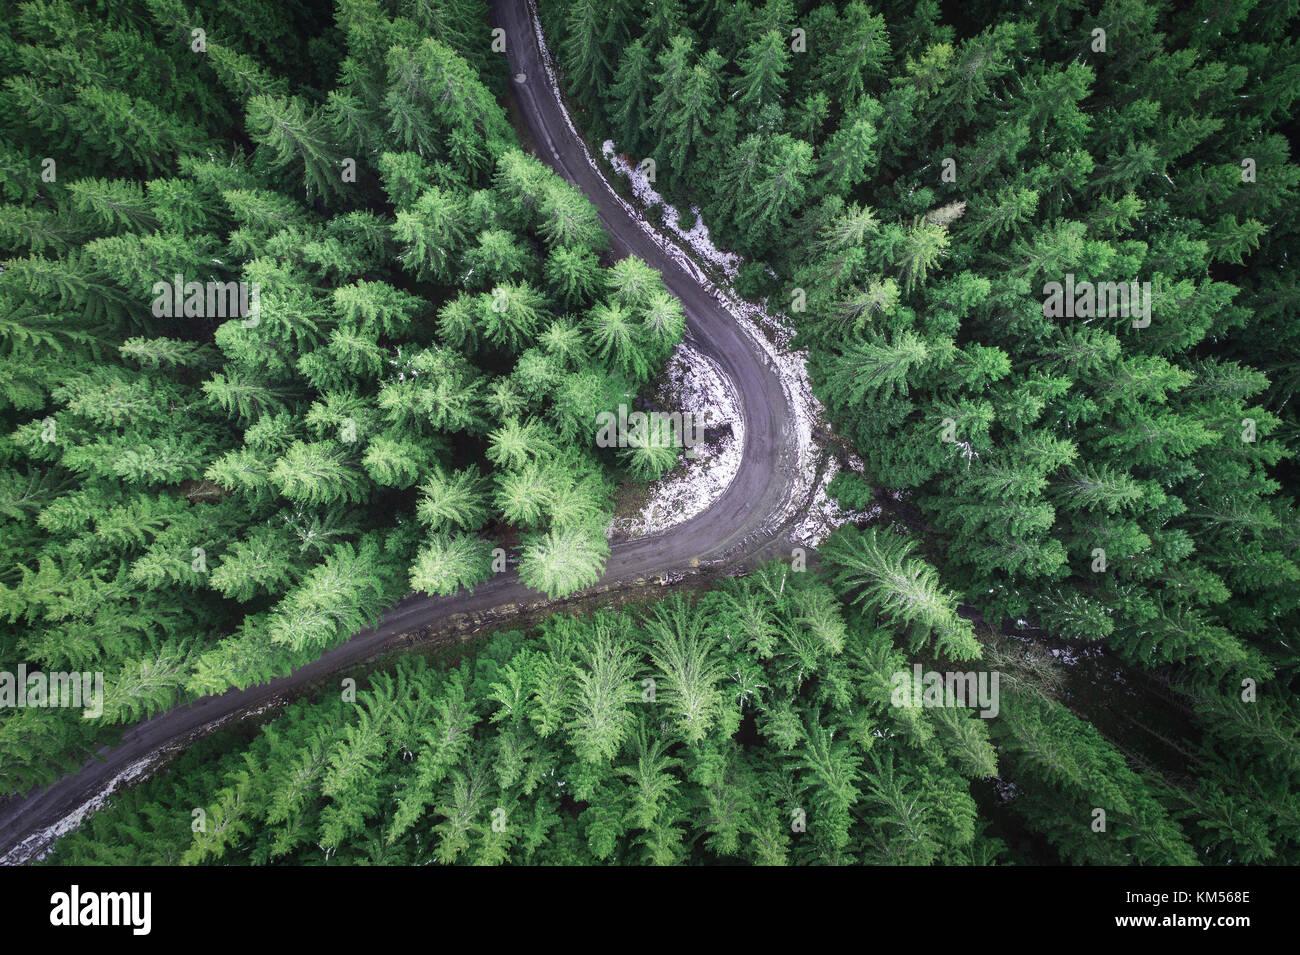 Strada vuota in una foresta da un drone Immagini Stock